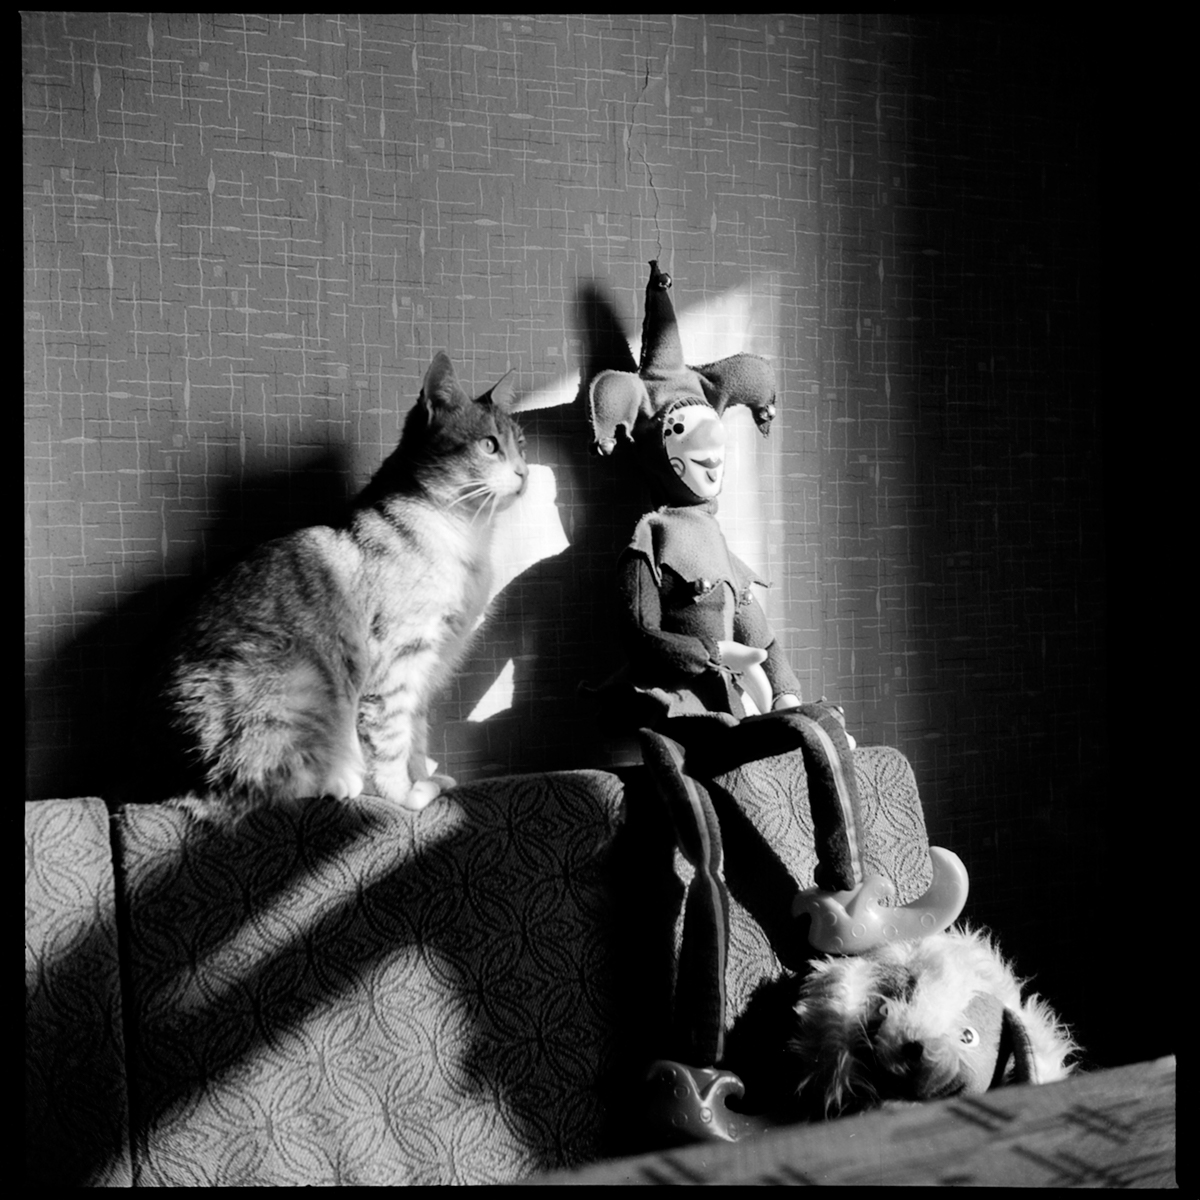 Pussja und Harlekin, Leningrad, 1977 © Mascha Iwaschinzowa